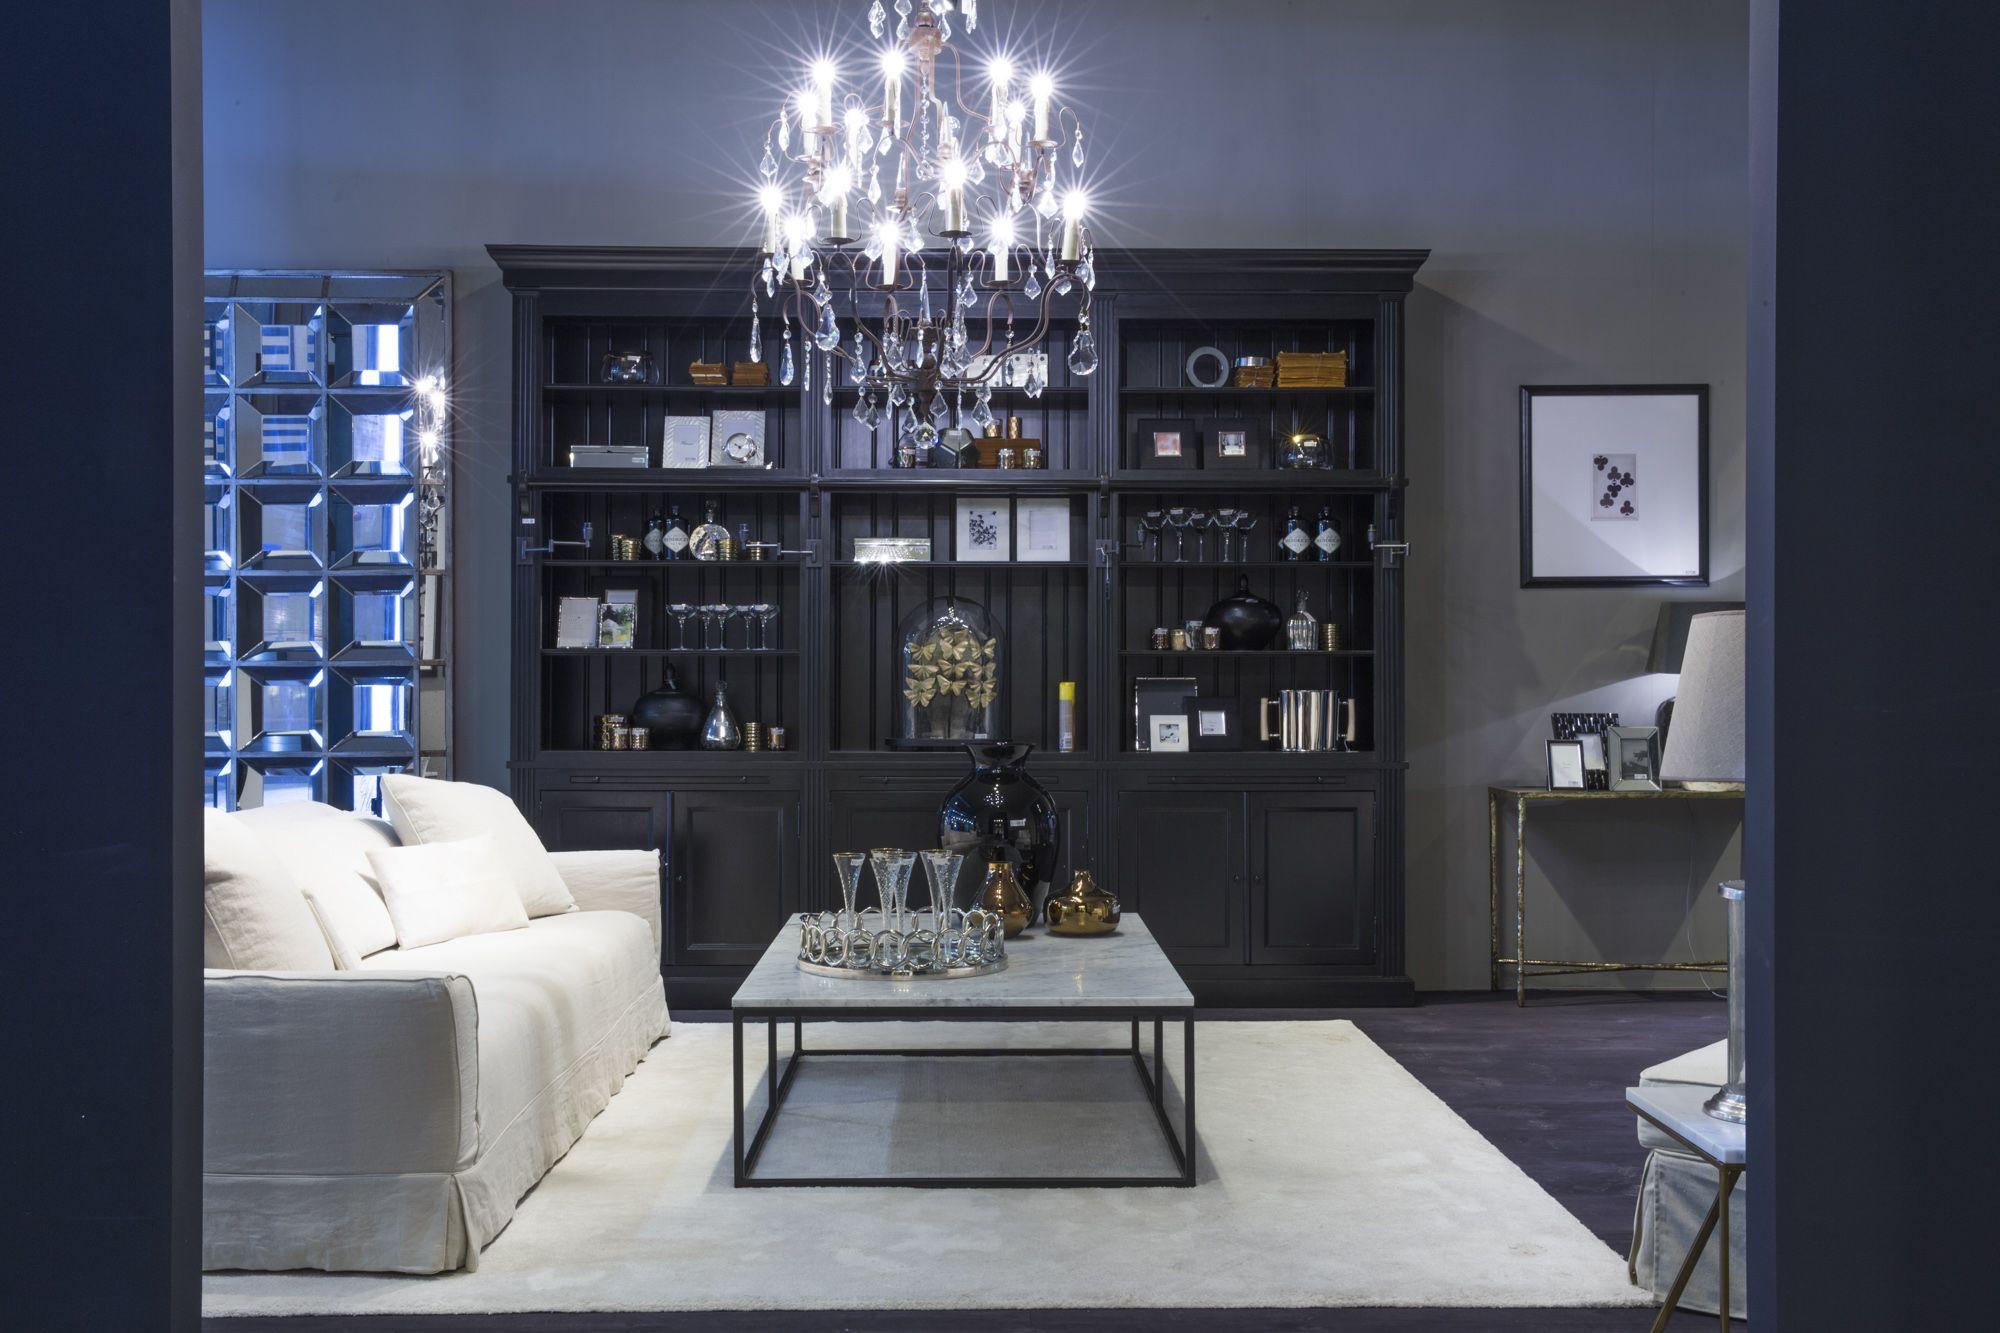 Presenca Da Flamant Na Grande Feira De Interiores E Design Maison Objet Paris Onde A Marca Introduziu Sua Nova Colecao E Espacos Out Salas De Estar Shop